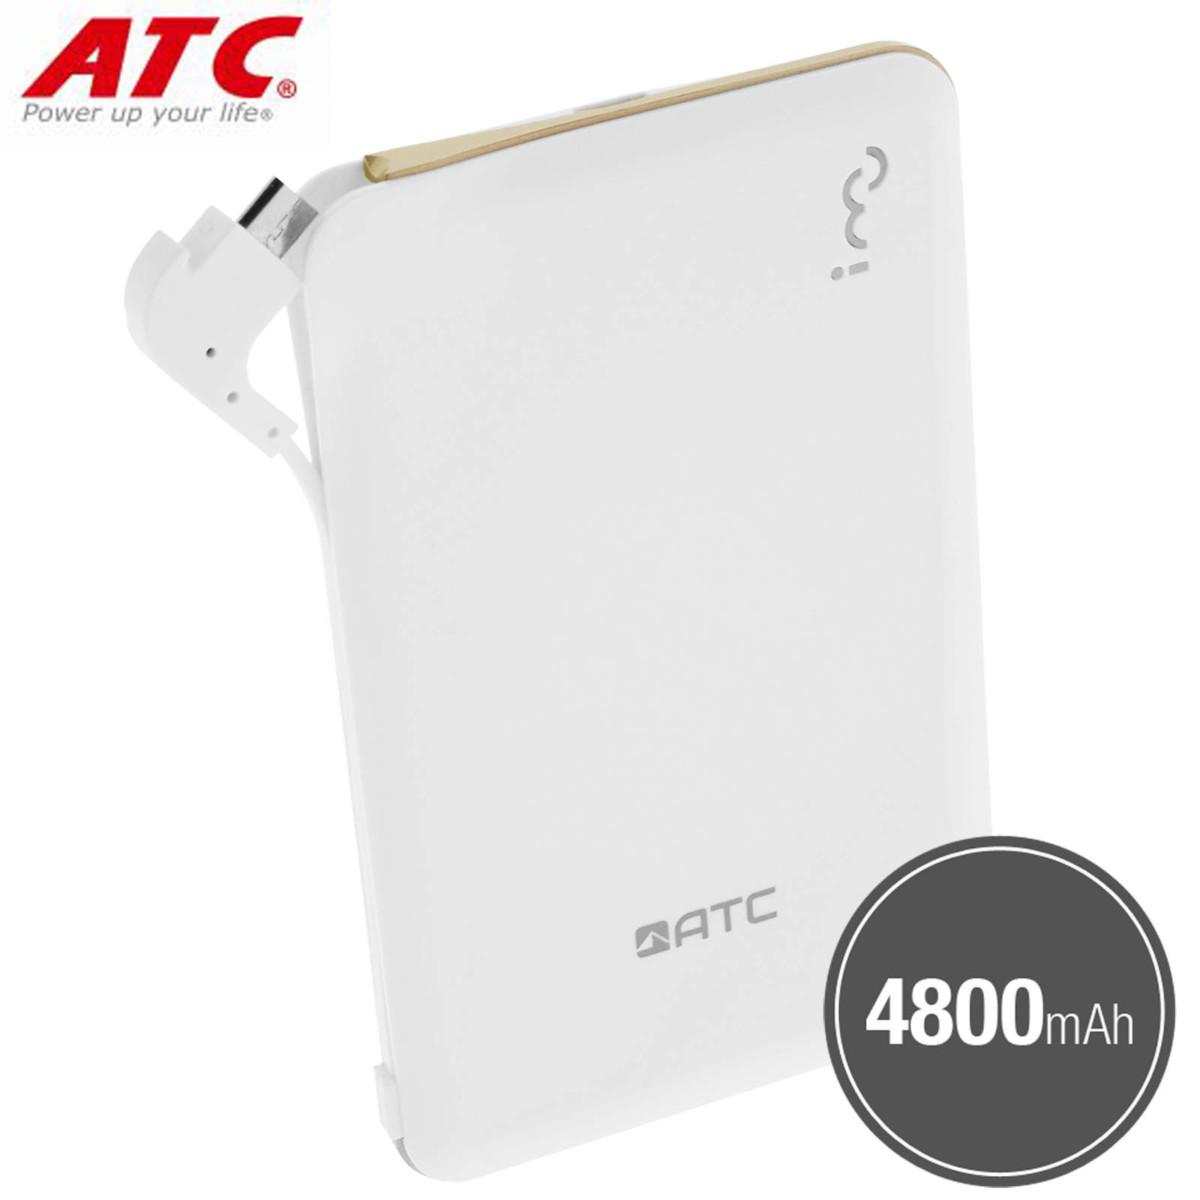 Batterie Externe de Secours 4800mAh pour smartphone / tablette